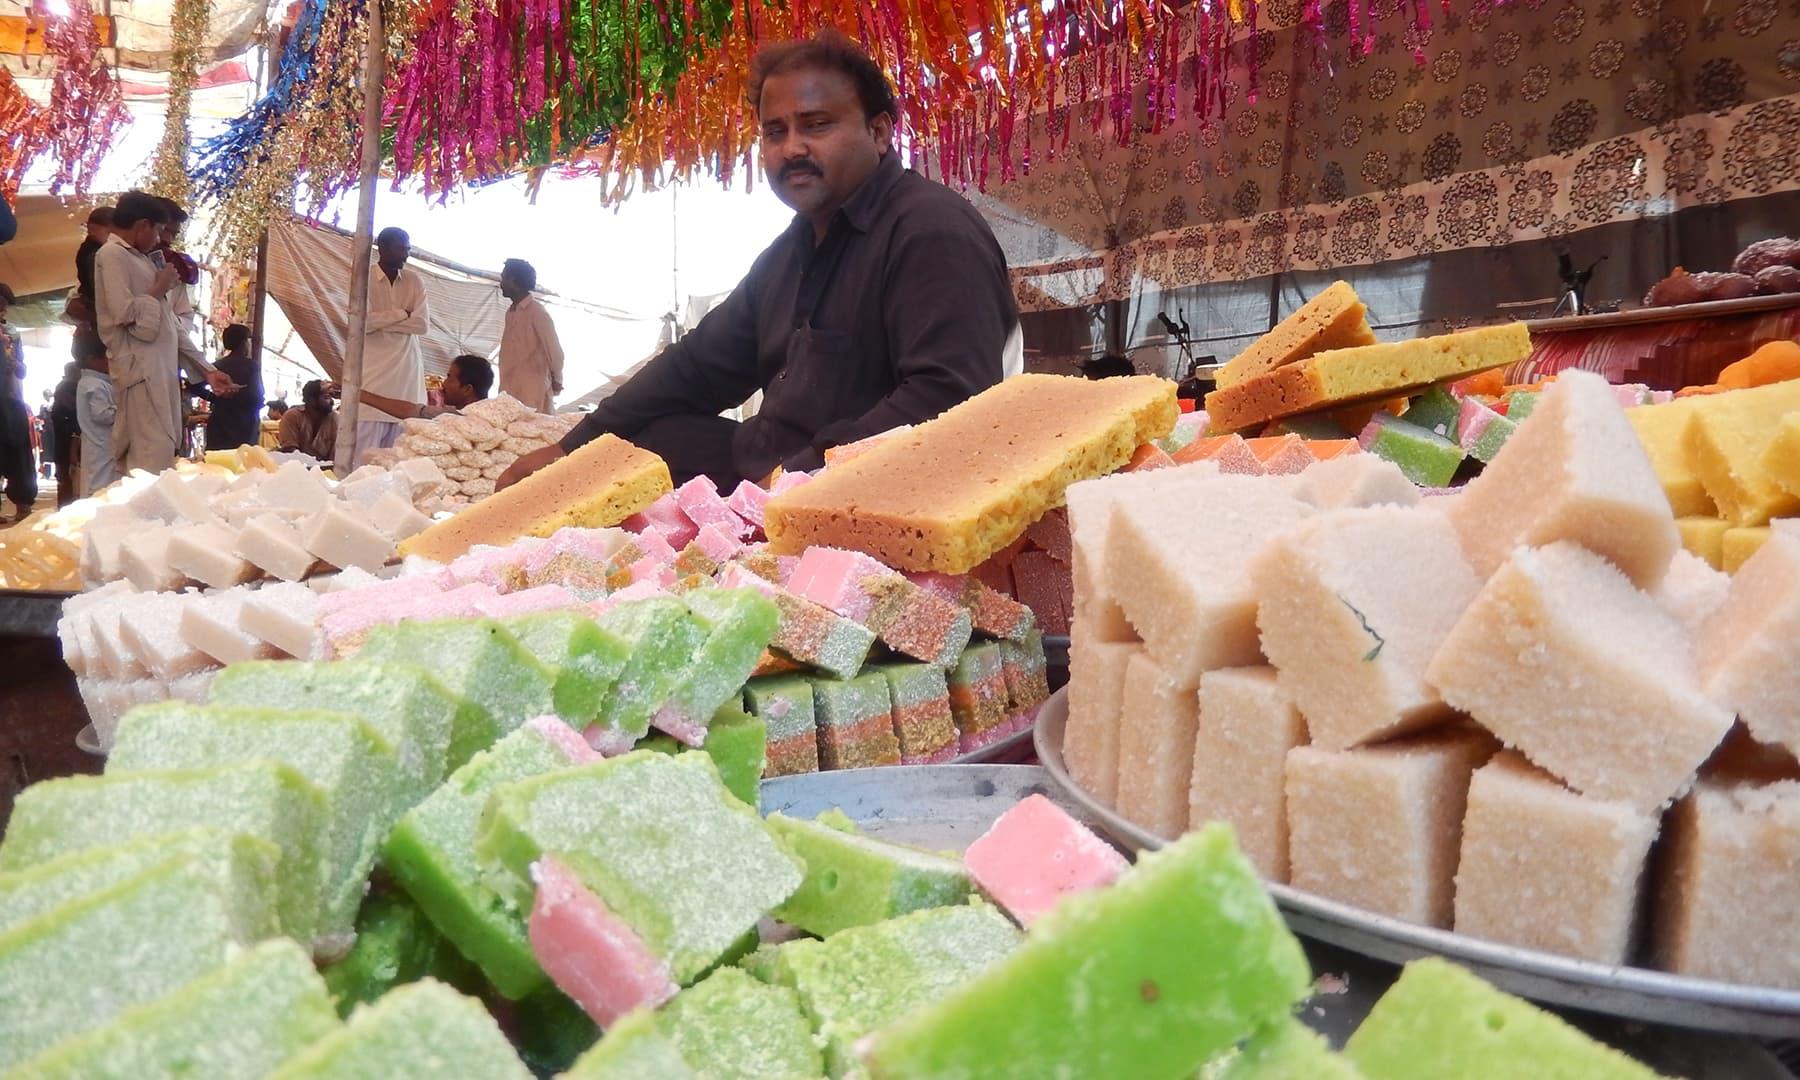 چند برس قبل لگنے والے میلے میں مٹھائی کی ایک دکان—تصویر ابوبکر شیخ